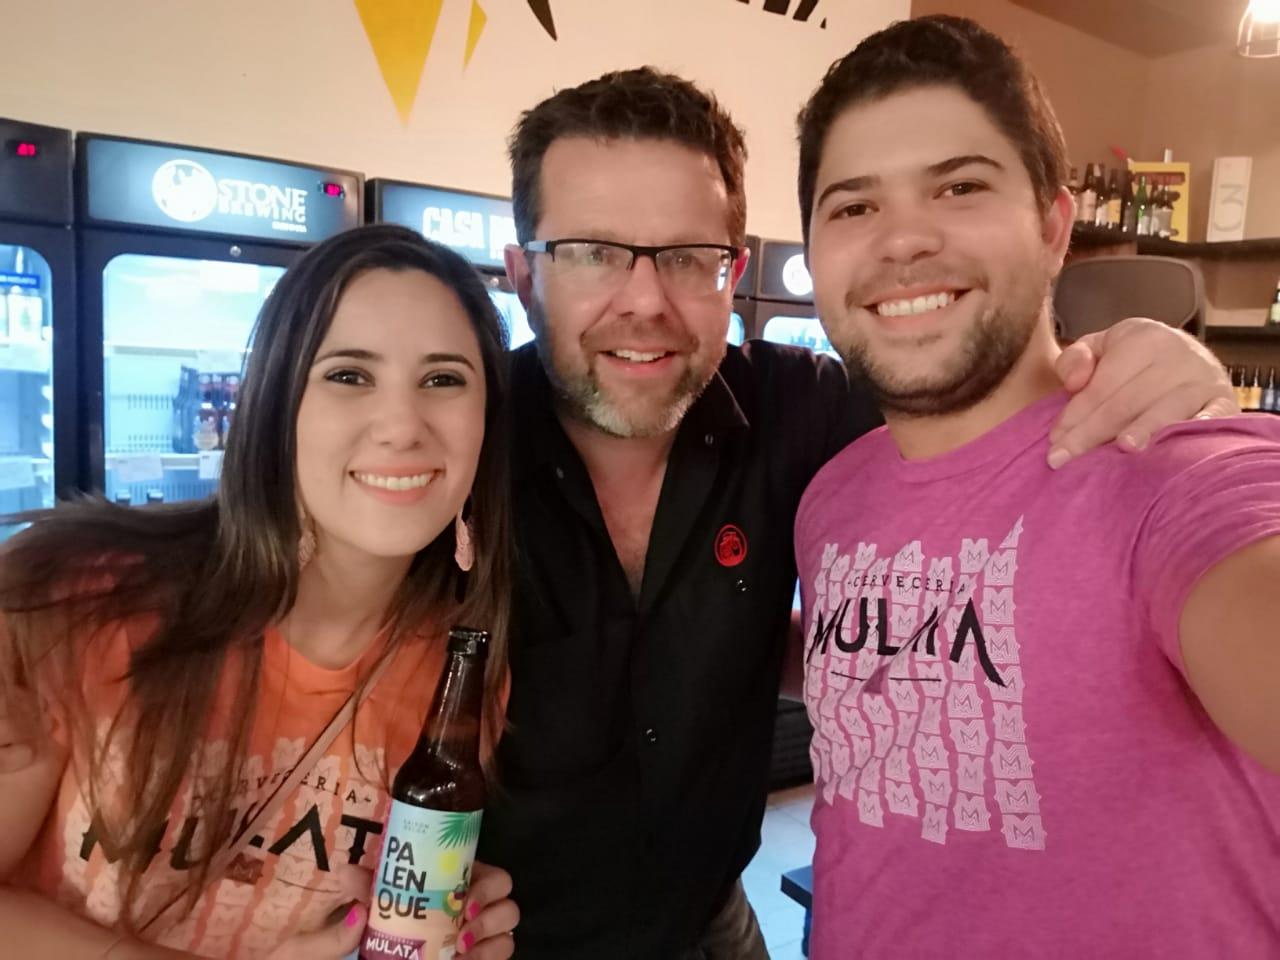 Arturo & Stacey Vallarino from Cerveceria Mulata